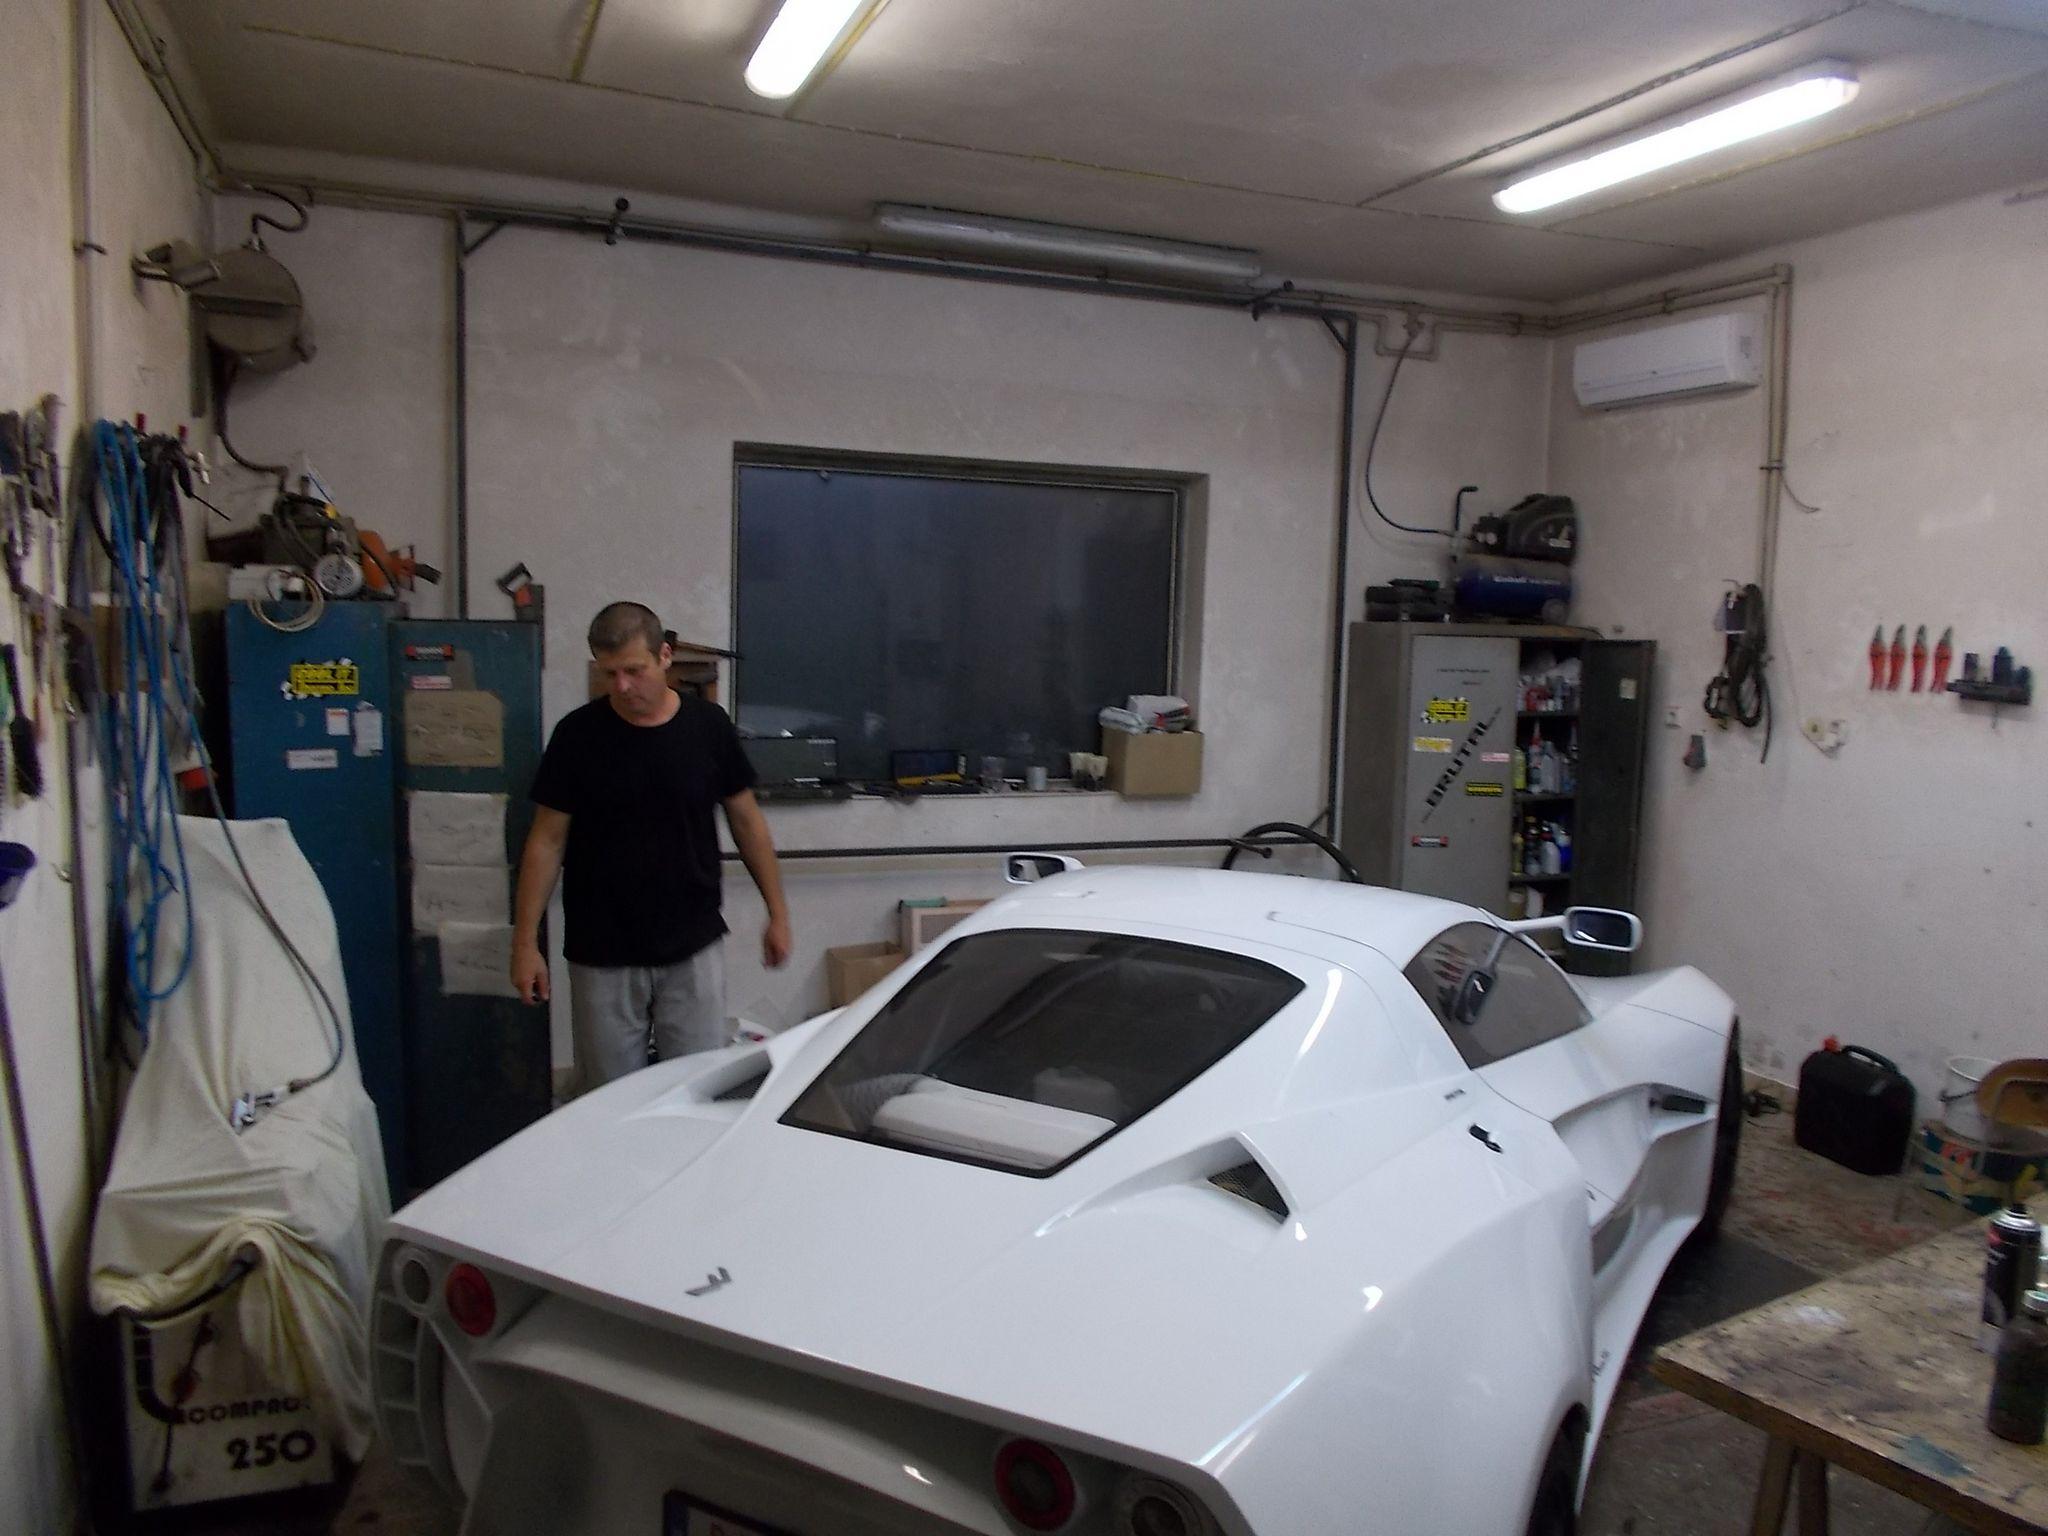 Ebben a műhelyben készült ez az autó. (Fotó: Somogyi Szilárd/Felvidék.ma)